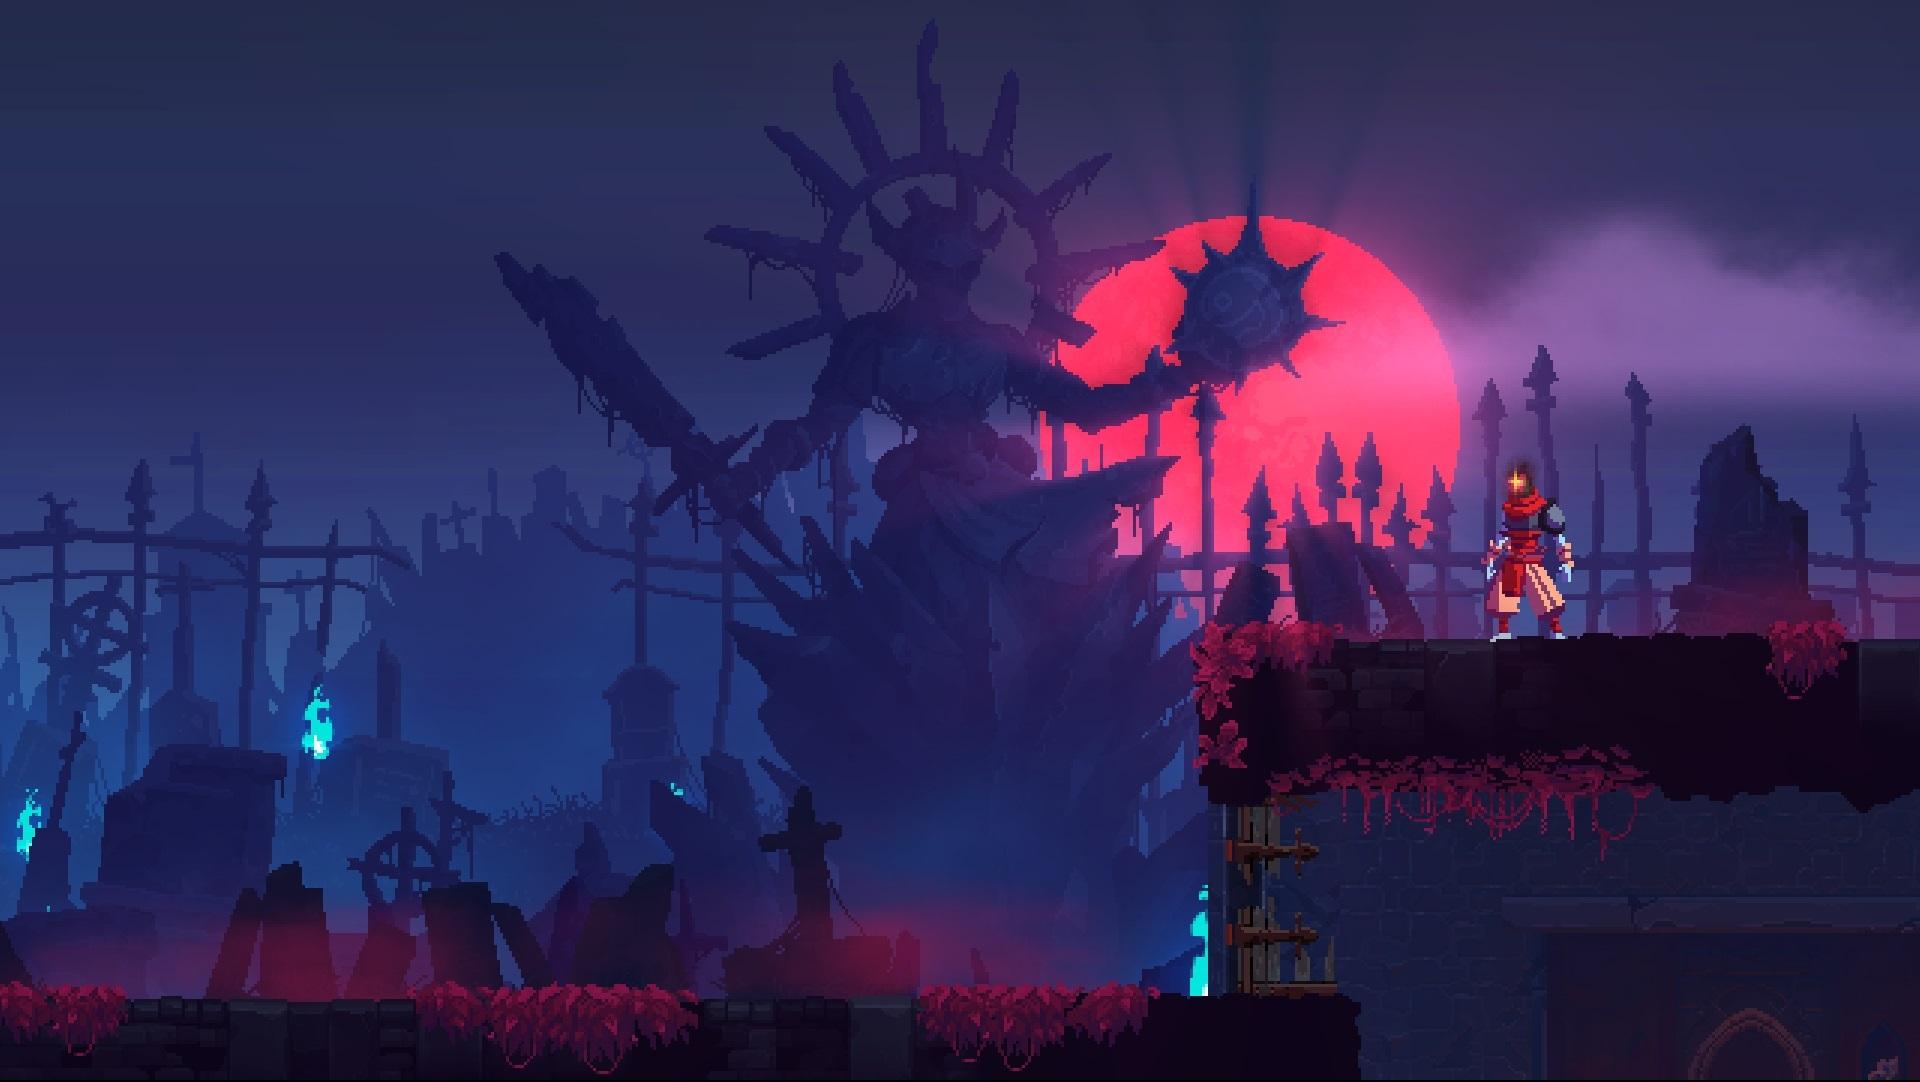 به گفته طراح بازی Dead Cells، این عنوان دنبالهای دریافت نخواهد کرد